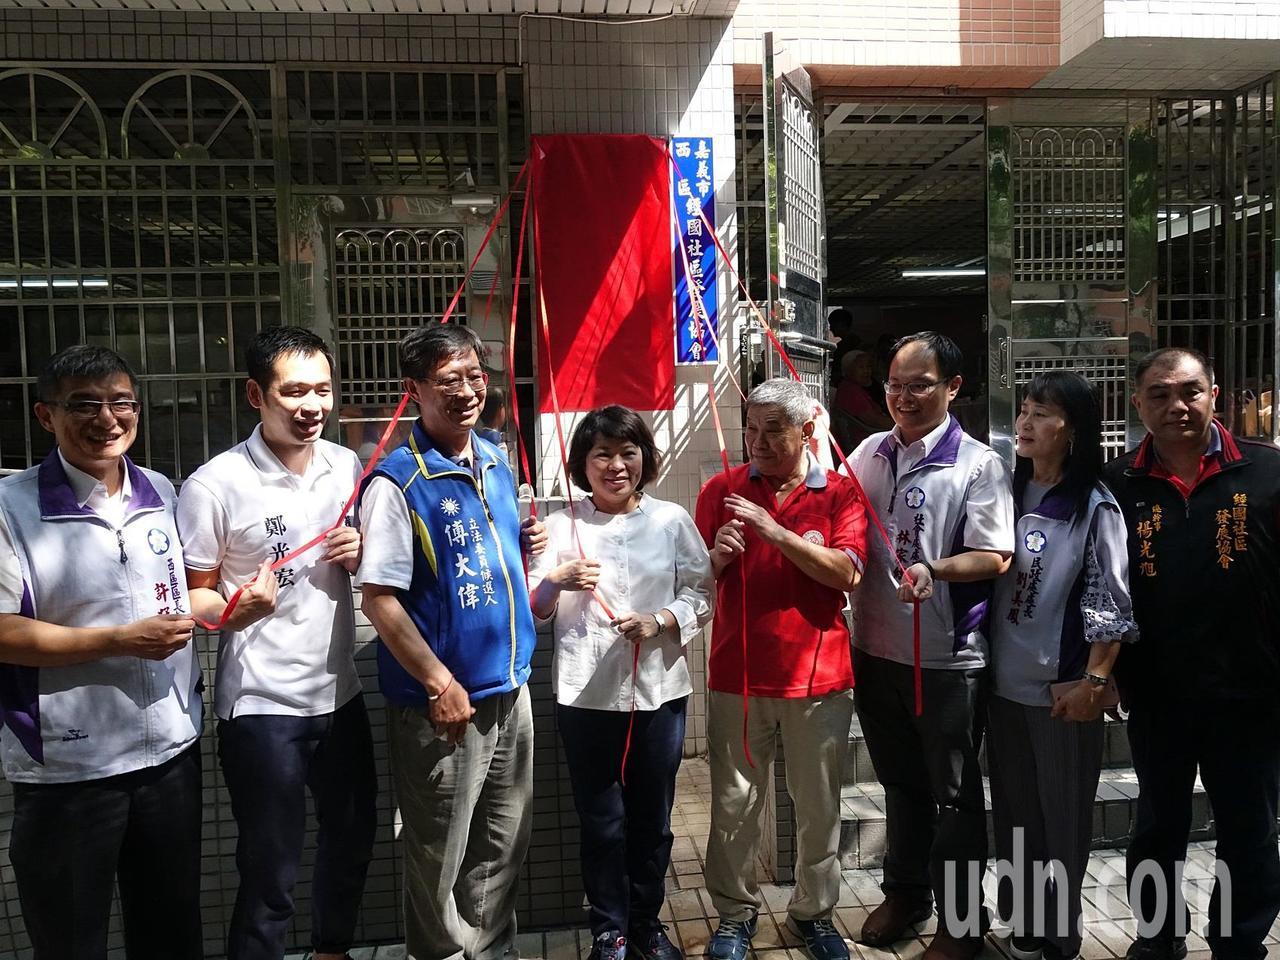 嘉義市長黃敏惠(中)等人今天上午在經國新城L社區中庭舉行「花甲食堂--作伙呷百二...